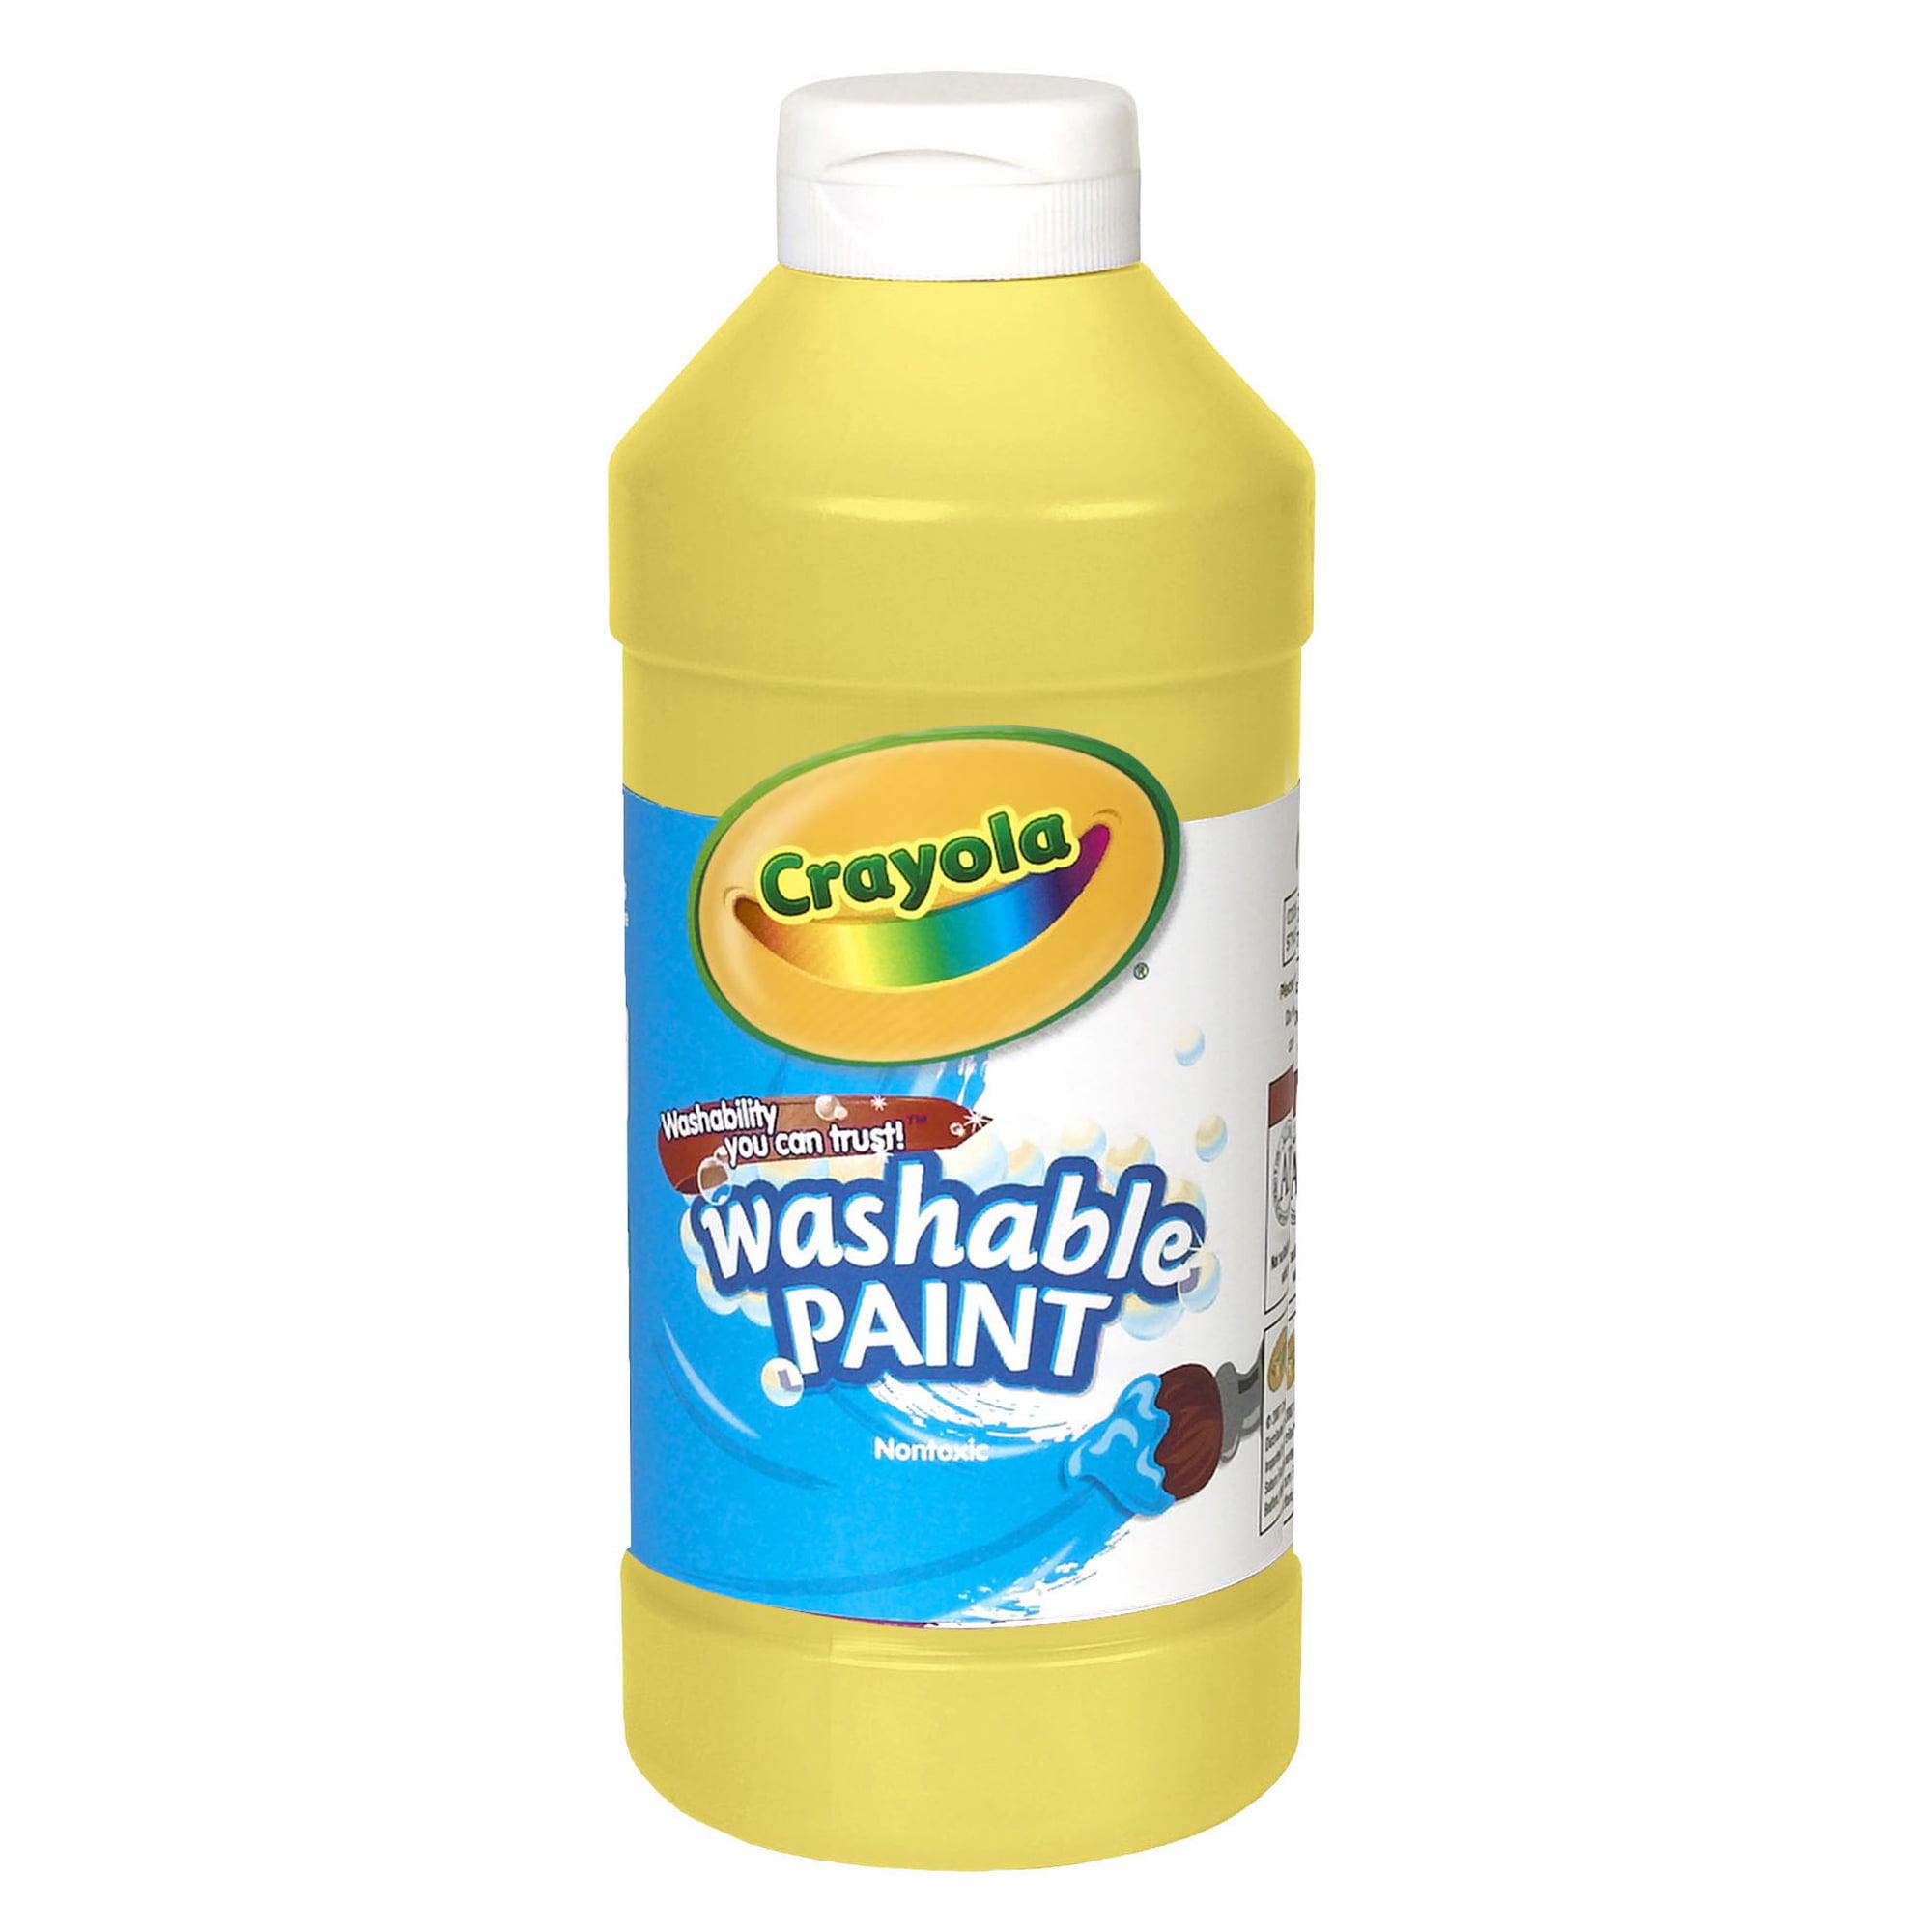 Crayola Washable Paint, Yellow, 16 Oz, Set Of 6 Bottles